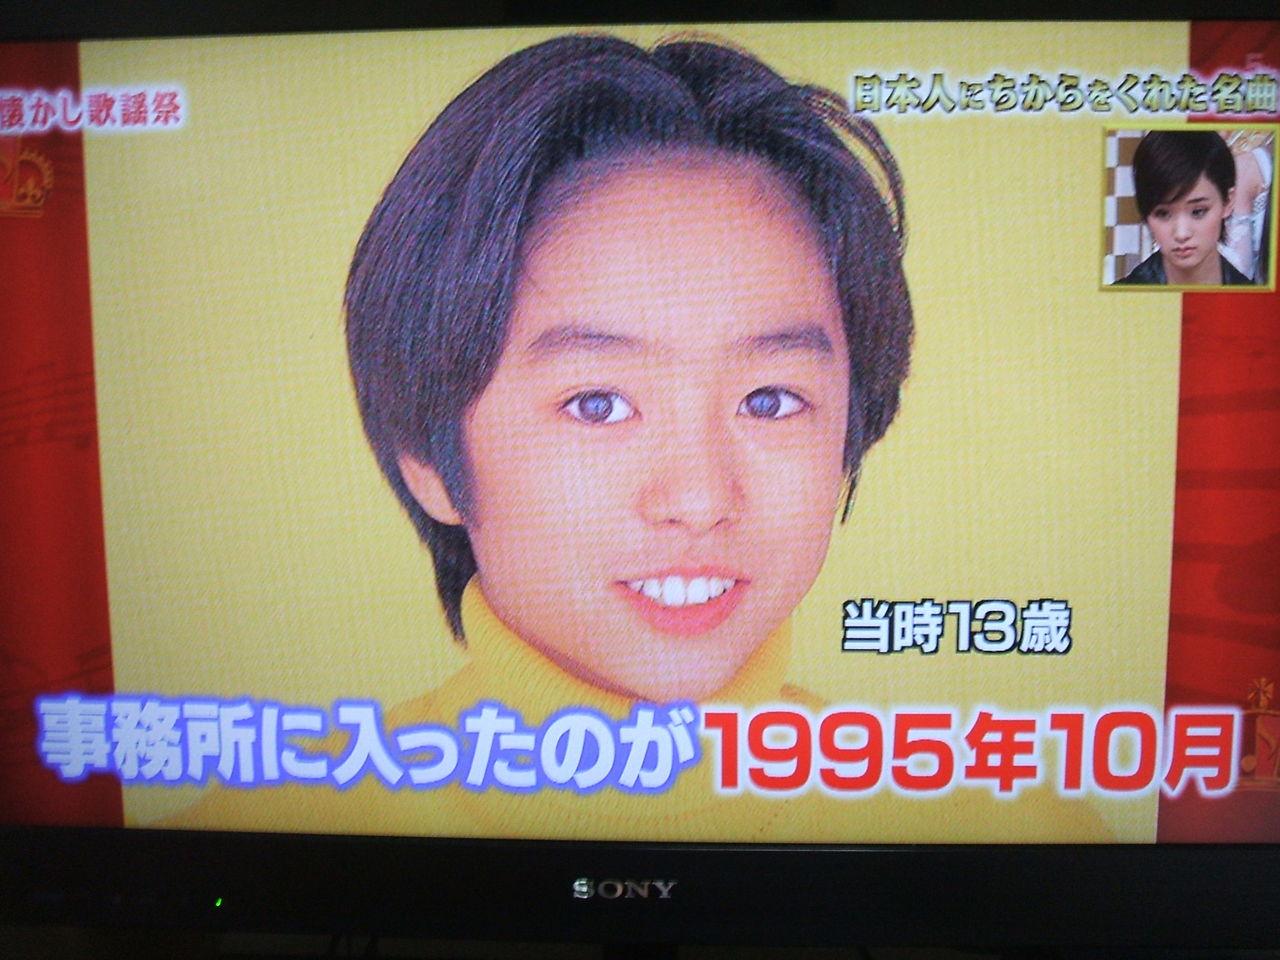 ブログ 櫻井翔